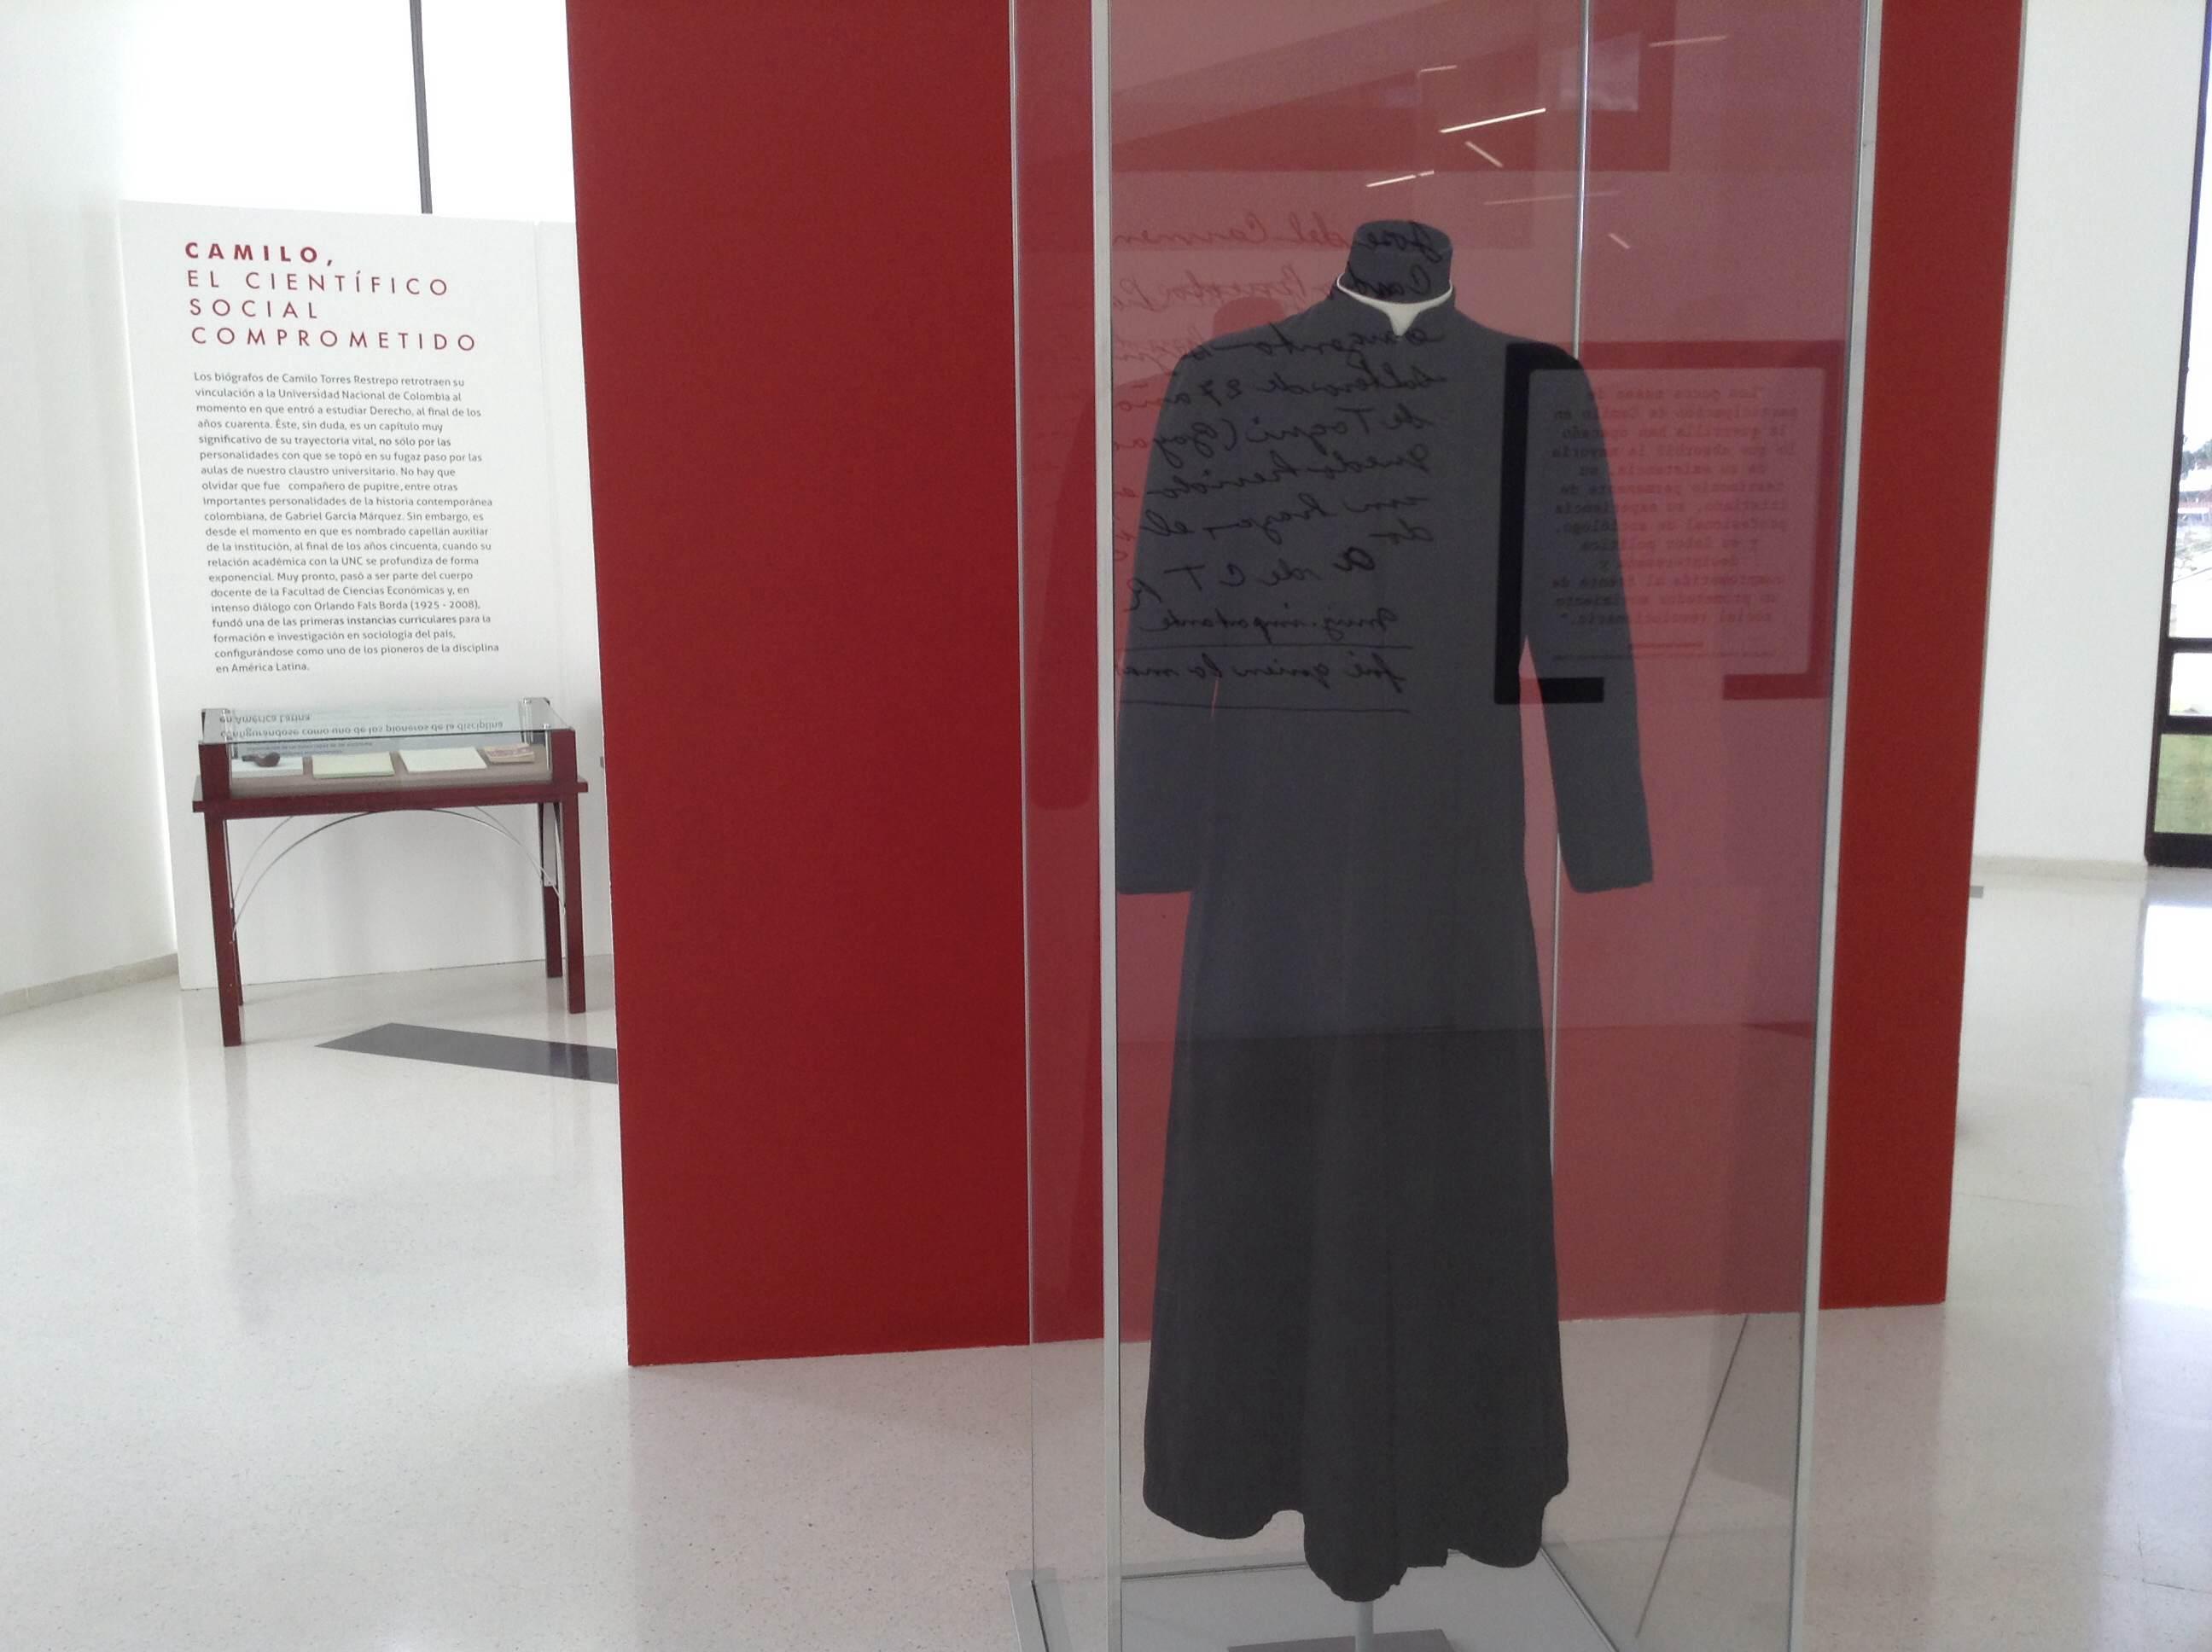 2. La sotana de Camilo Torres es uno de los objetos que se pueden encontrar en la sala de exposición. (1)